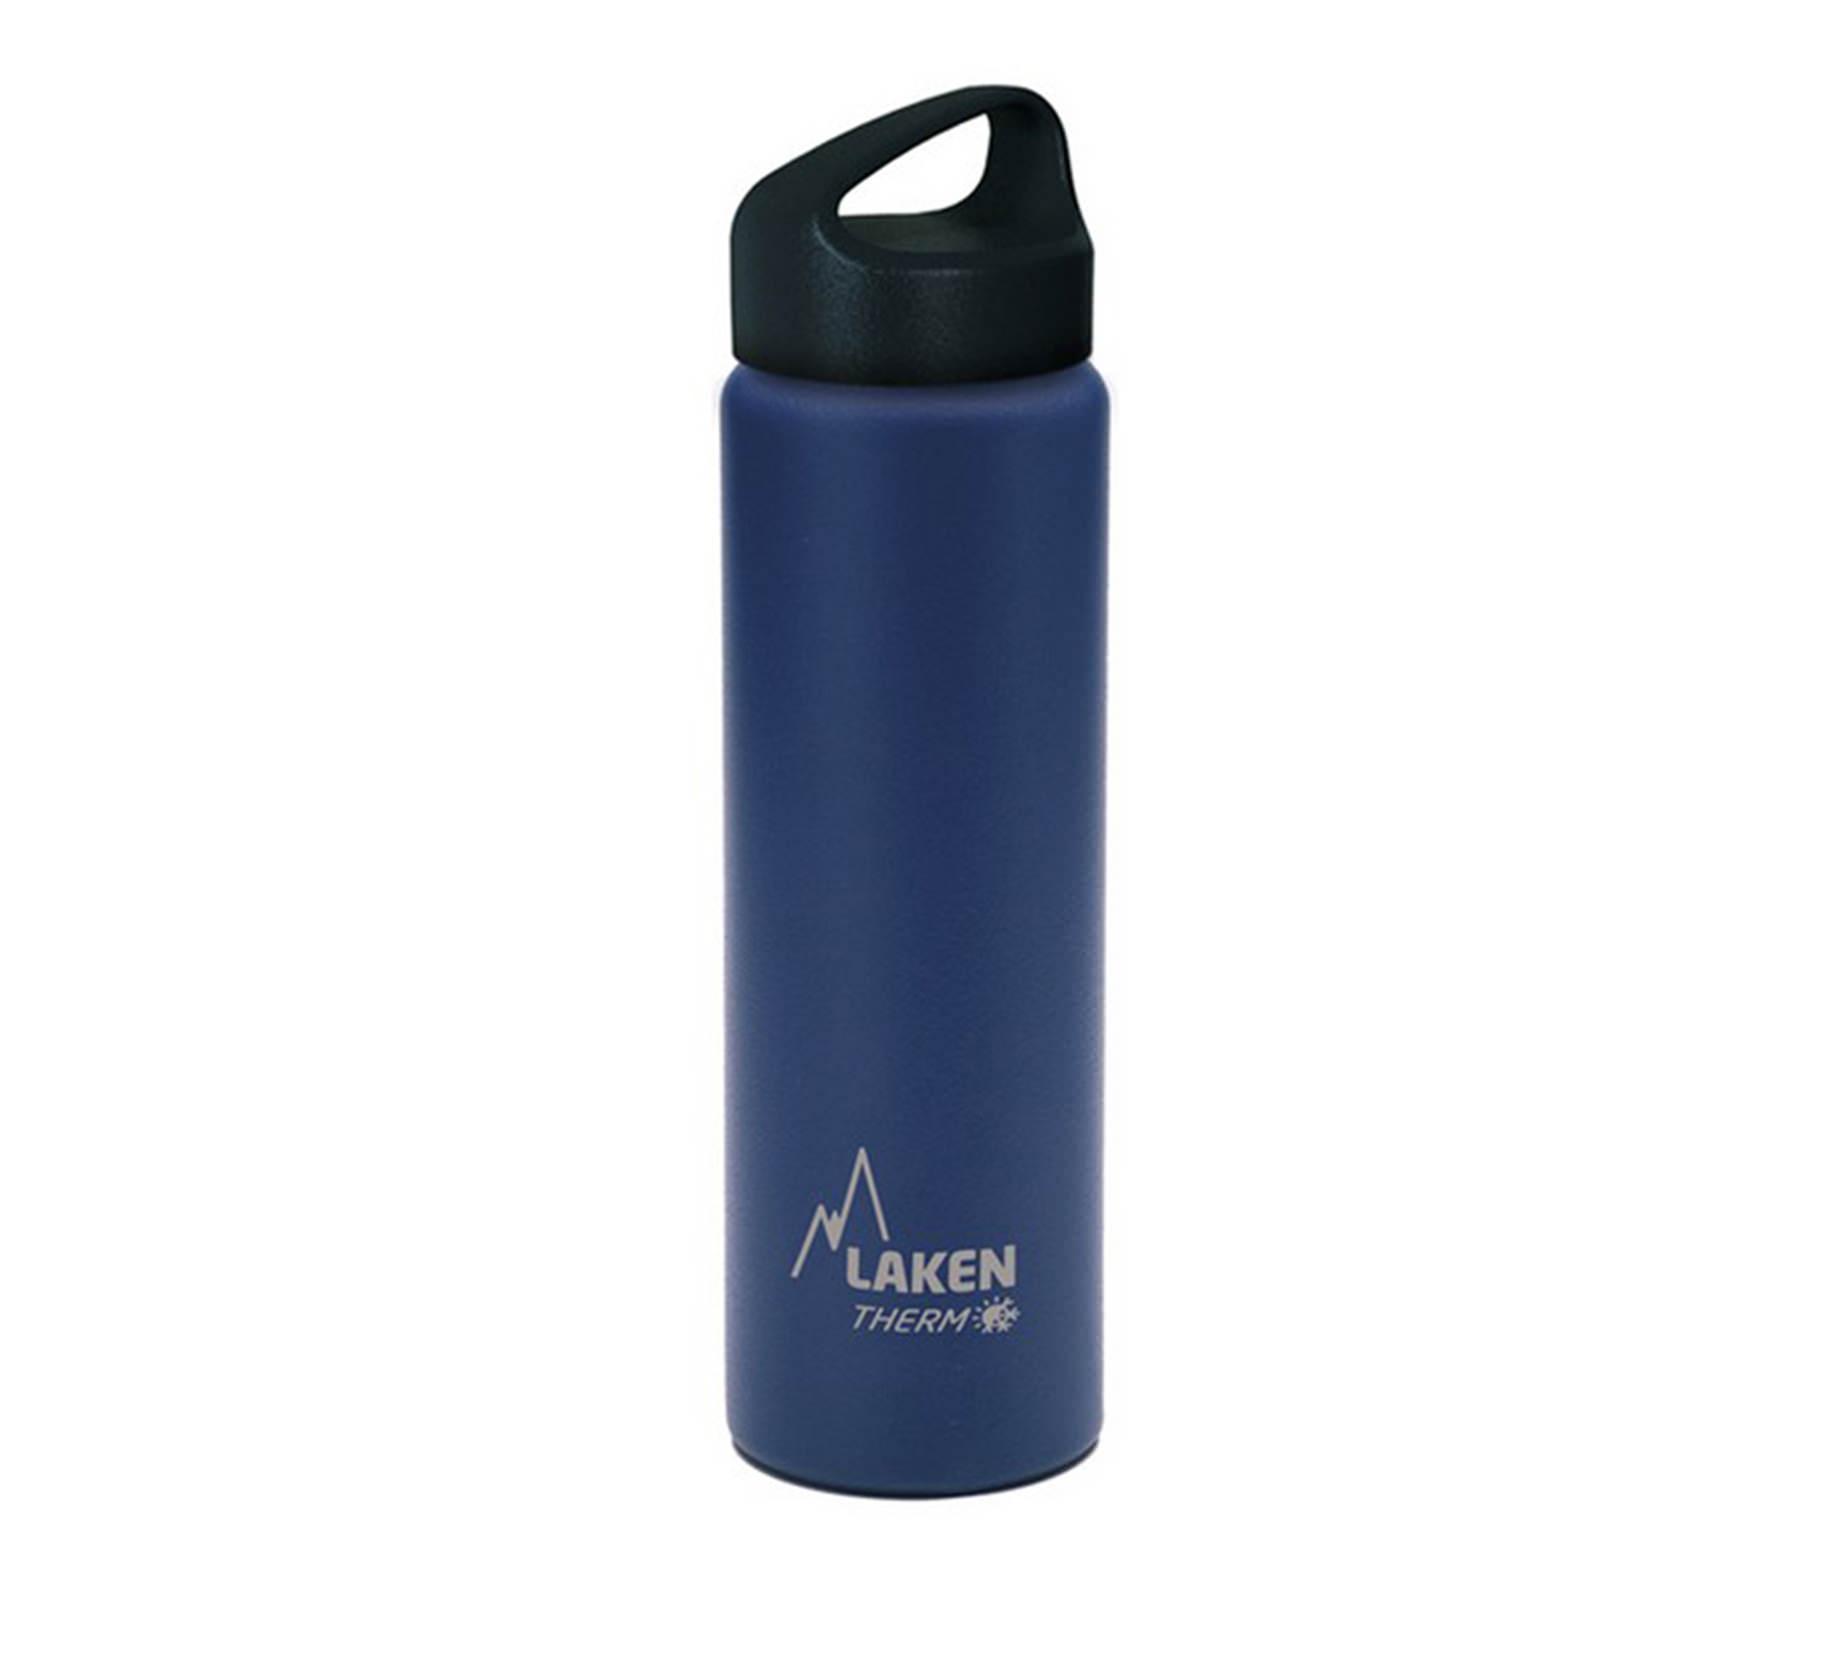 Bình giữ nhiệt LAKEN Classic Thermo 750ml - Xanh lam